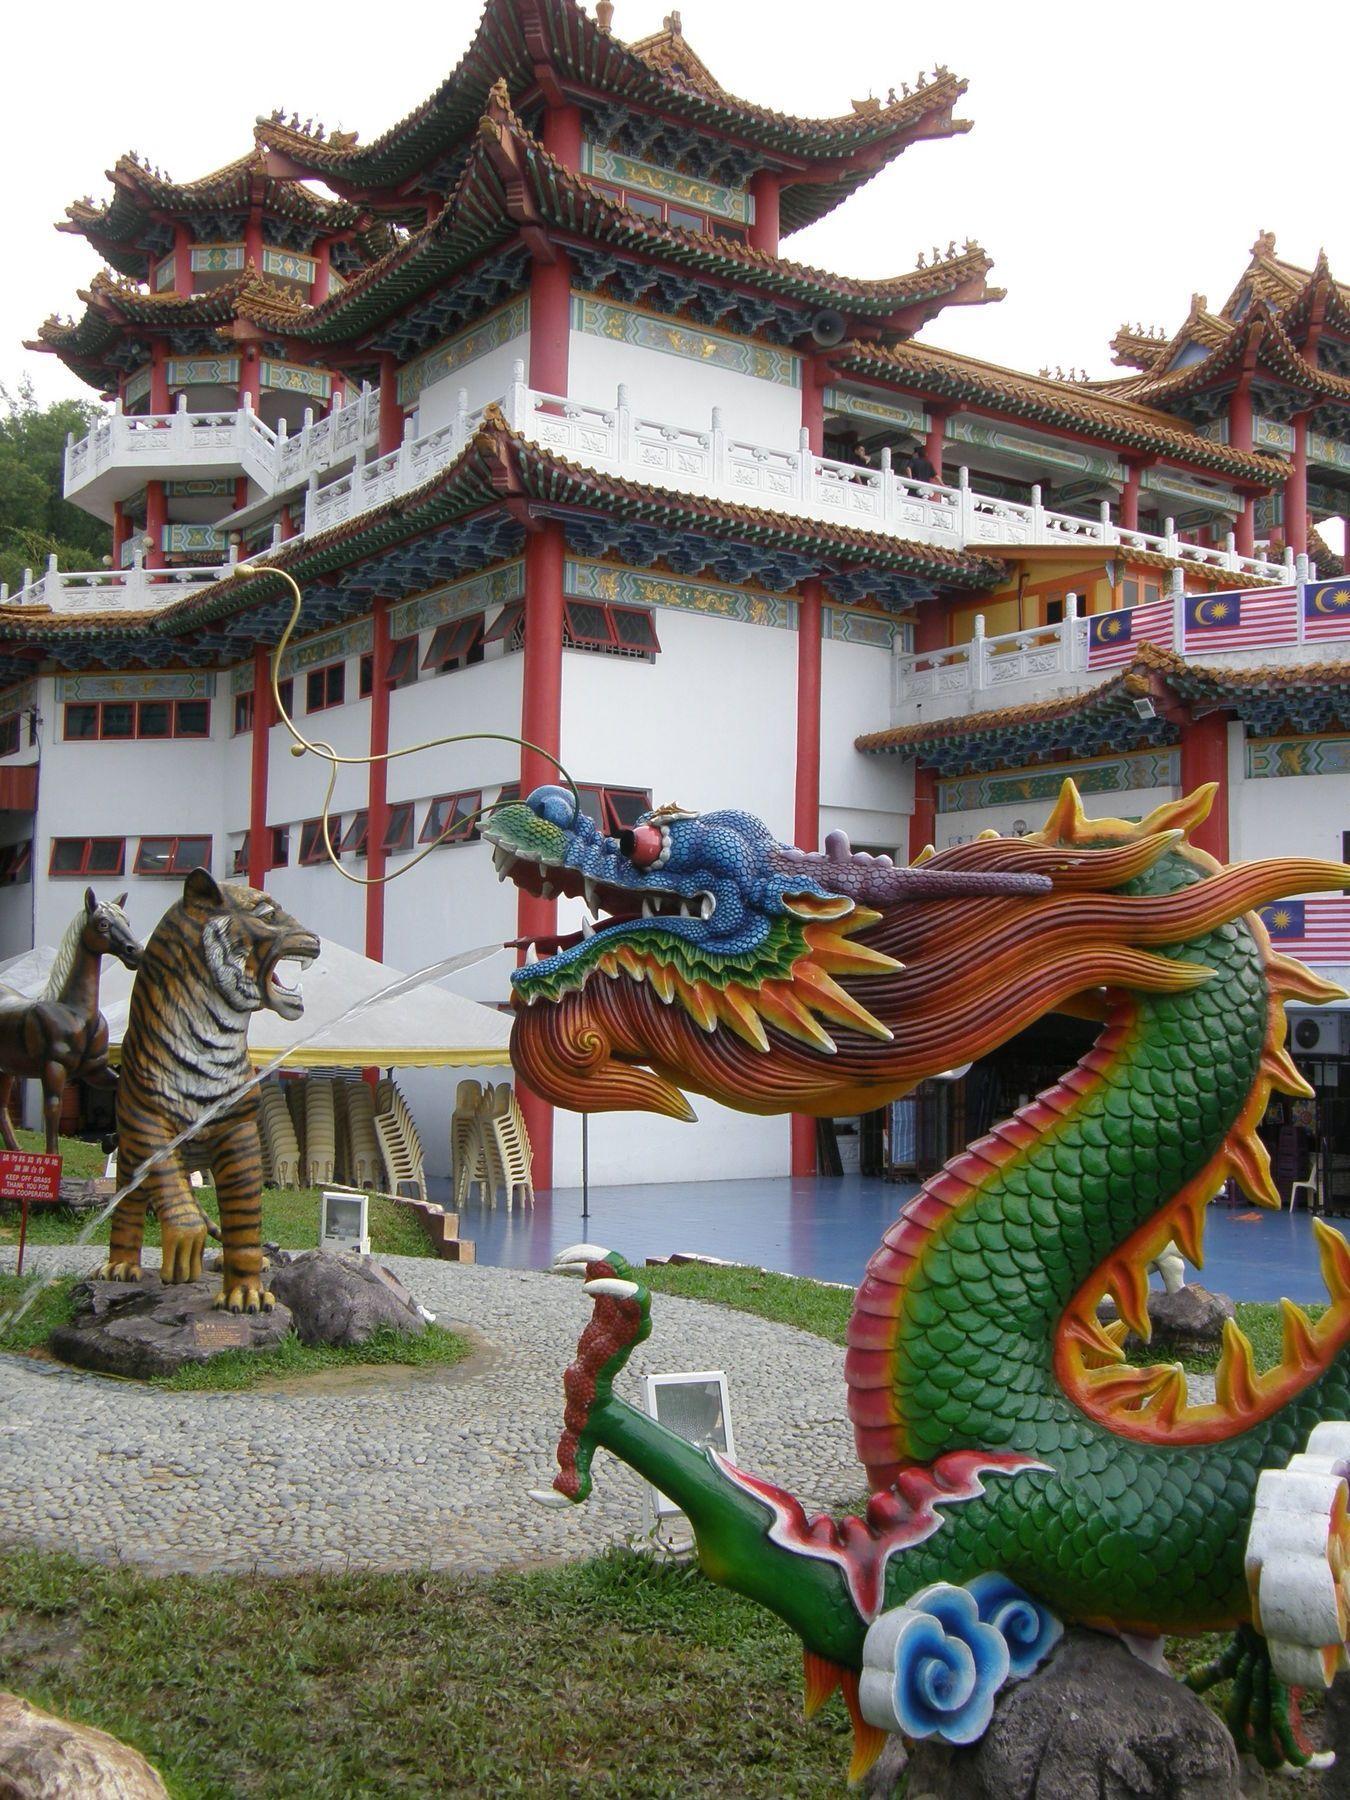 Thean Hou Temple in #KualaLumpur, #Malaysia